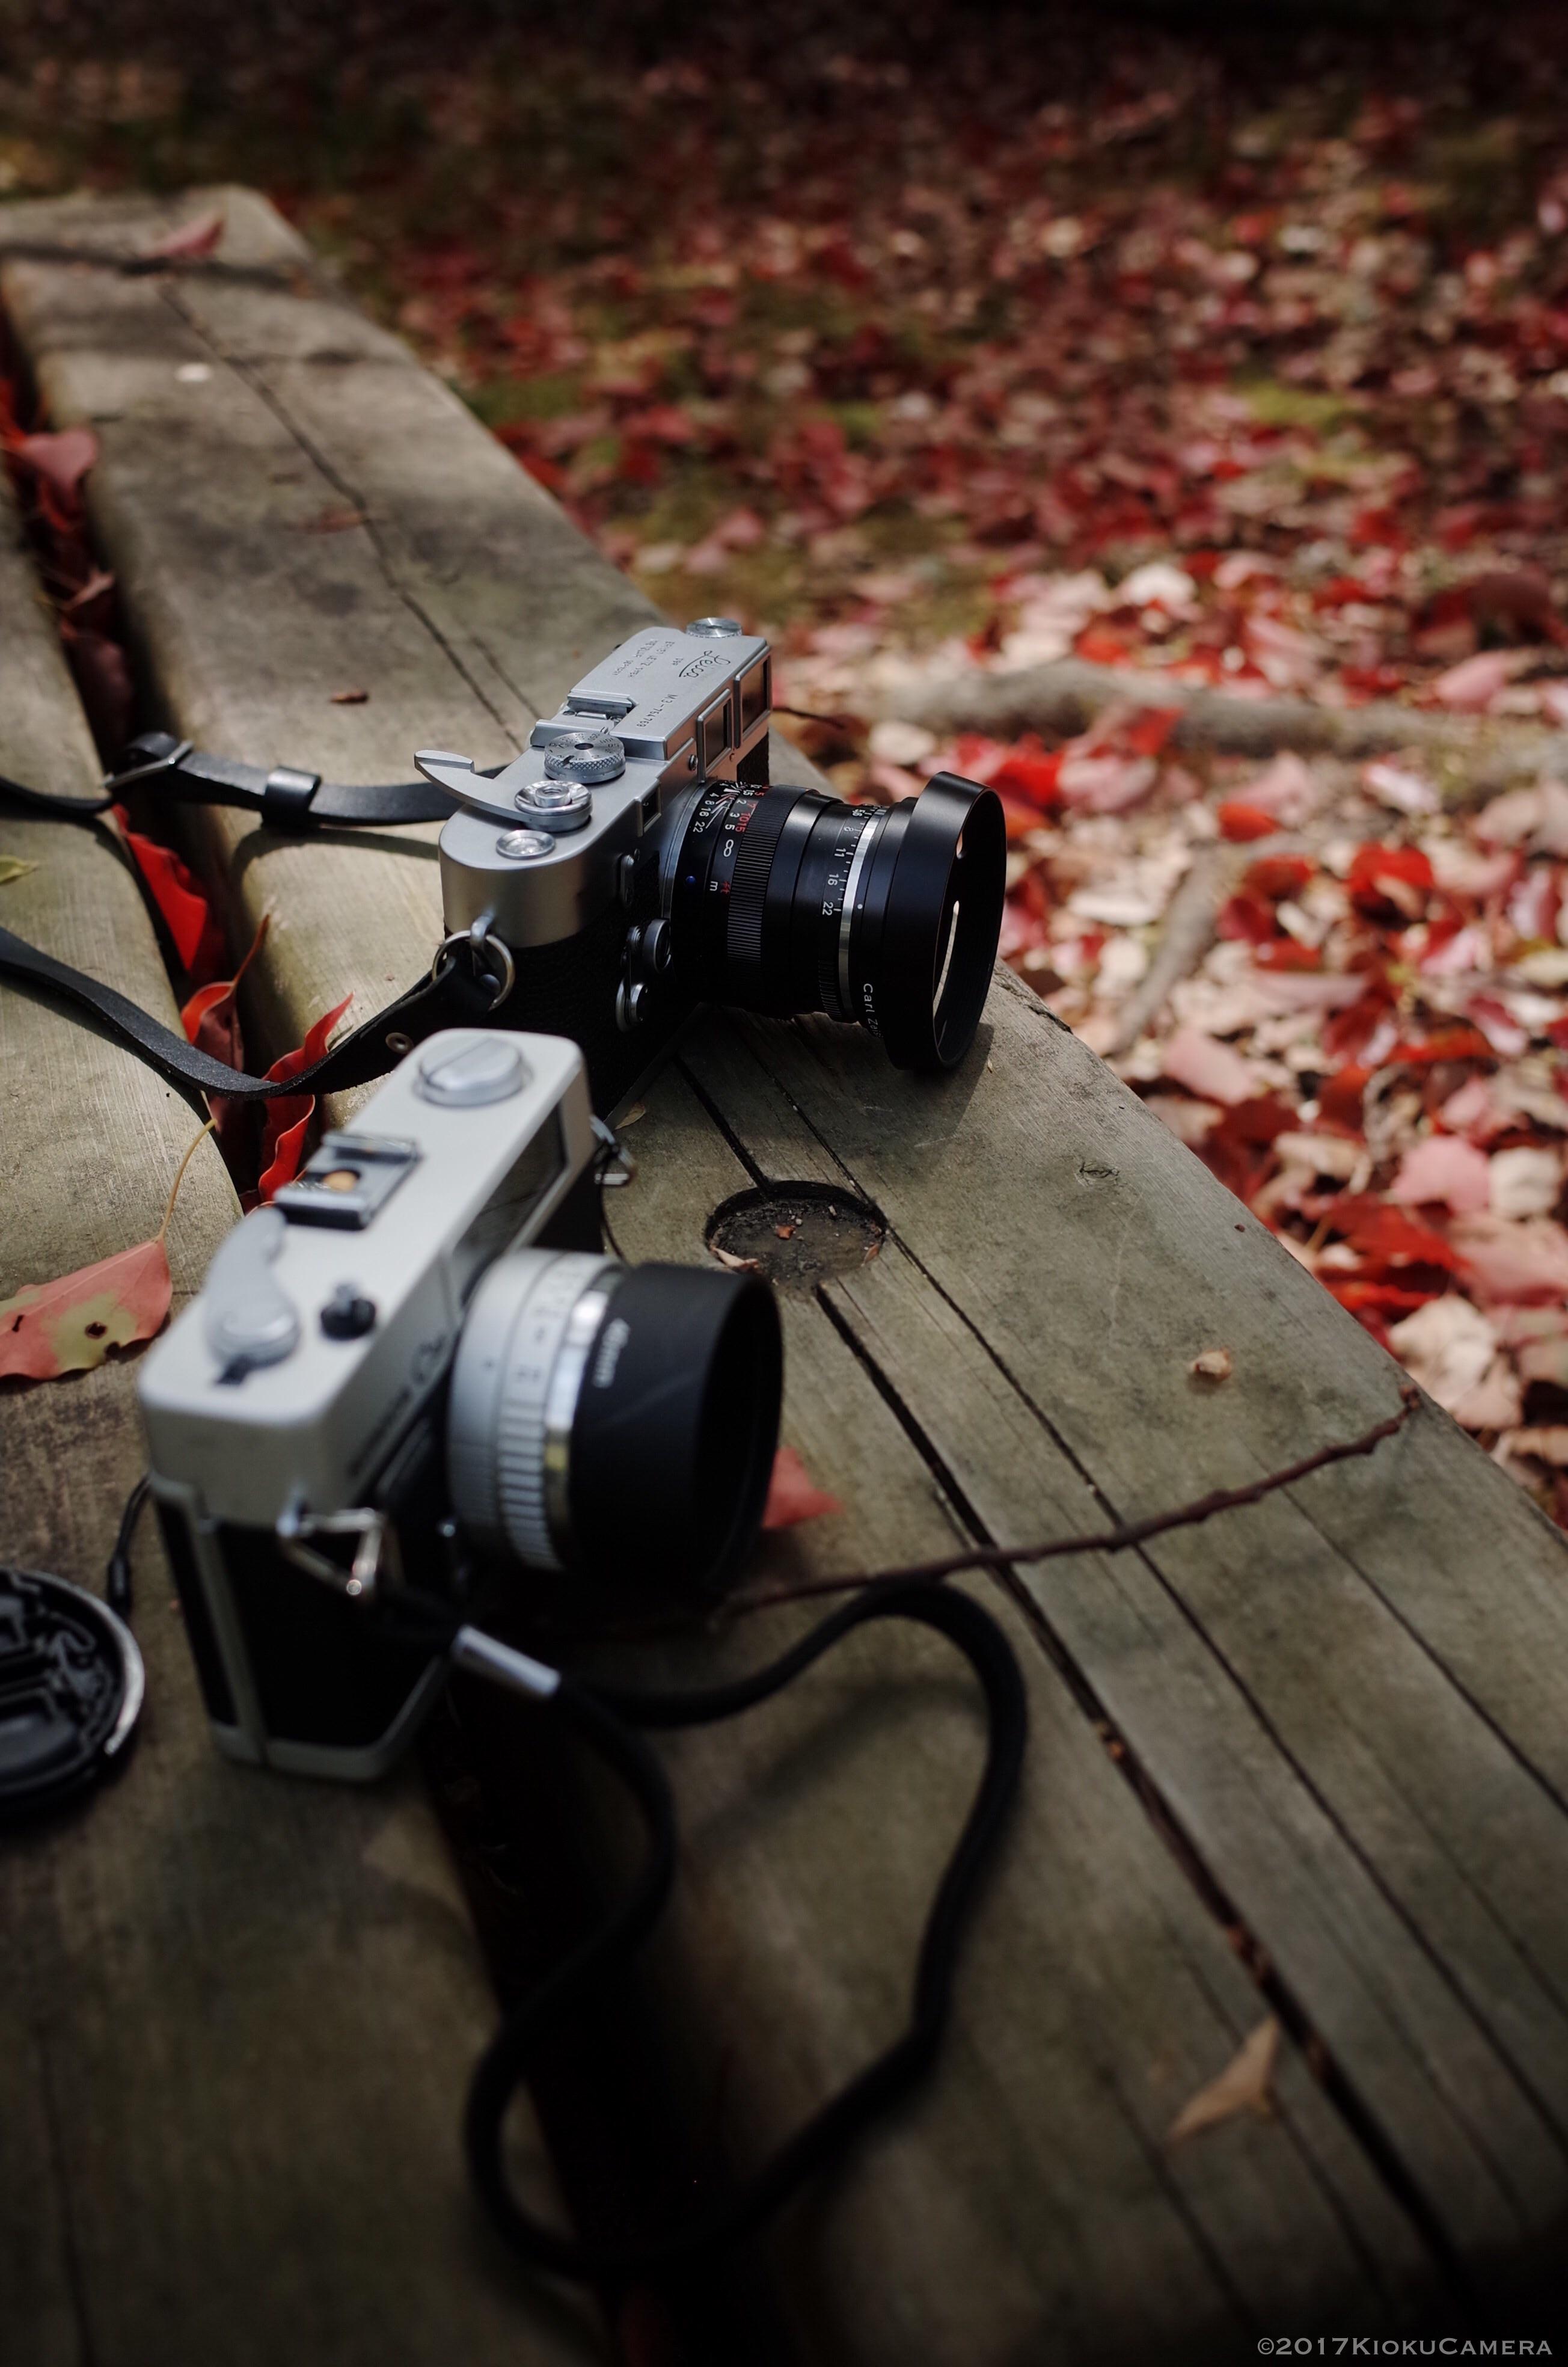 カメラたちを撮るのも趣味のひとつかもしれない。